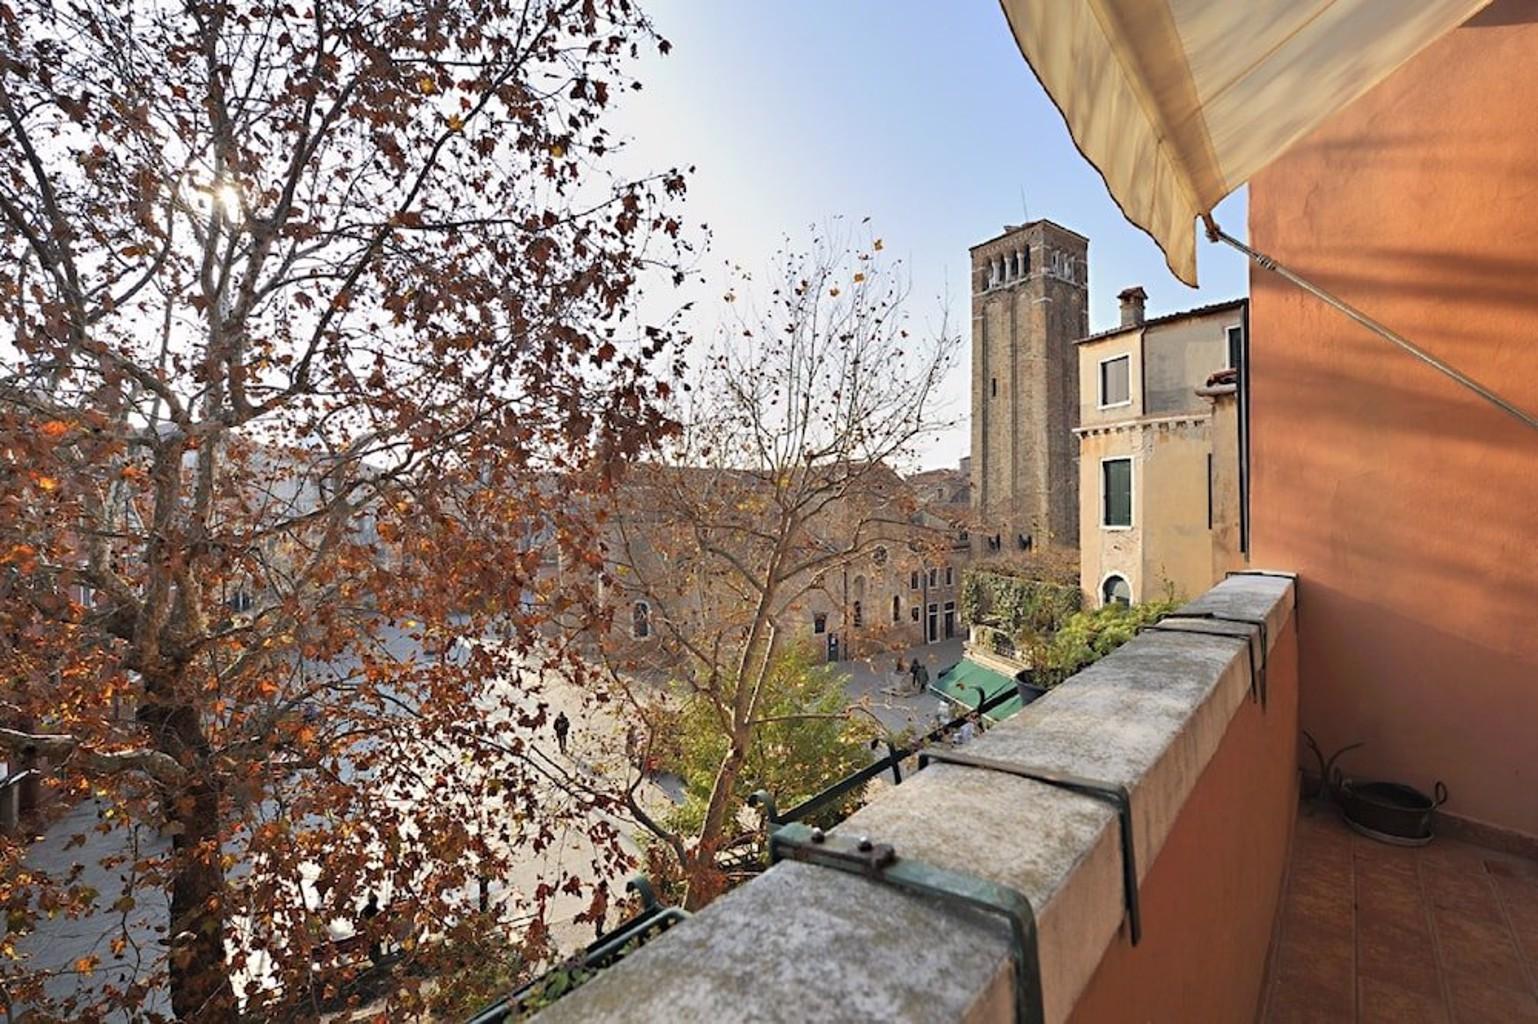 Venice Rialto Apartment With Balcony